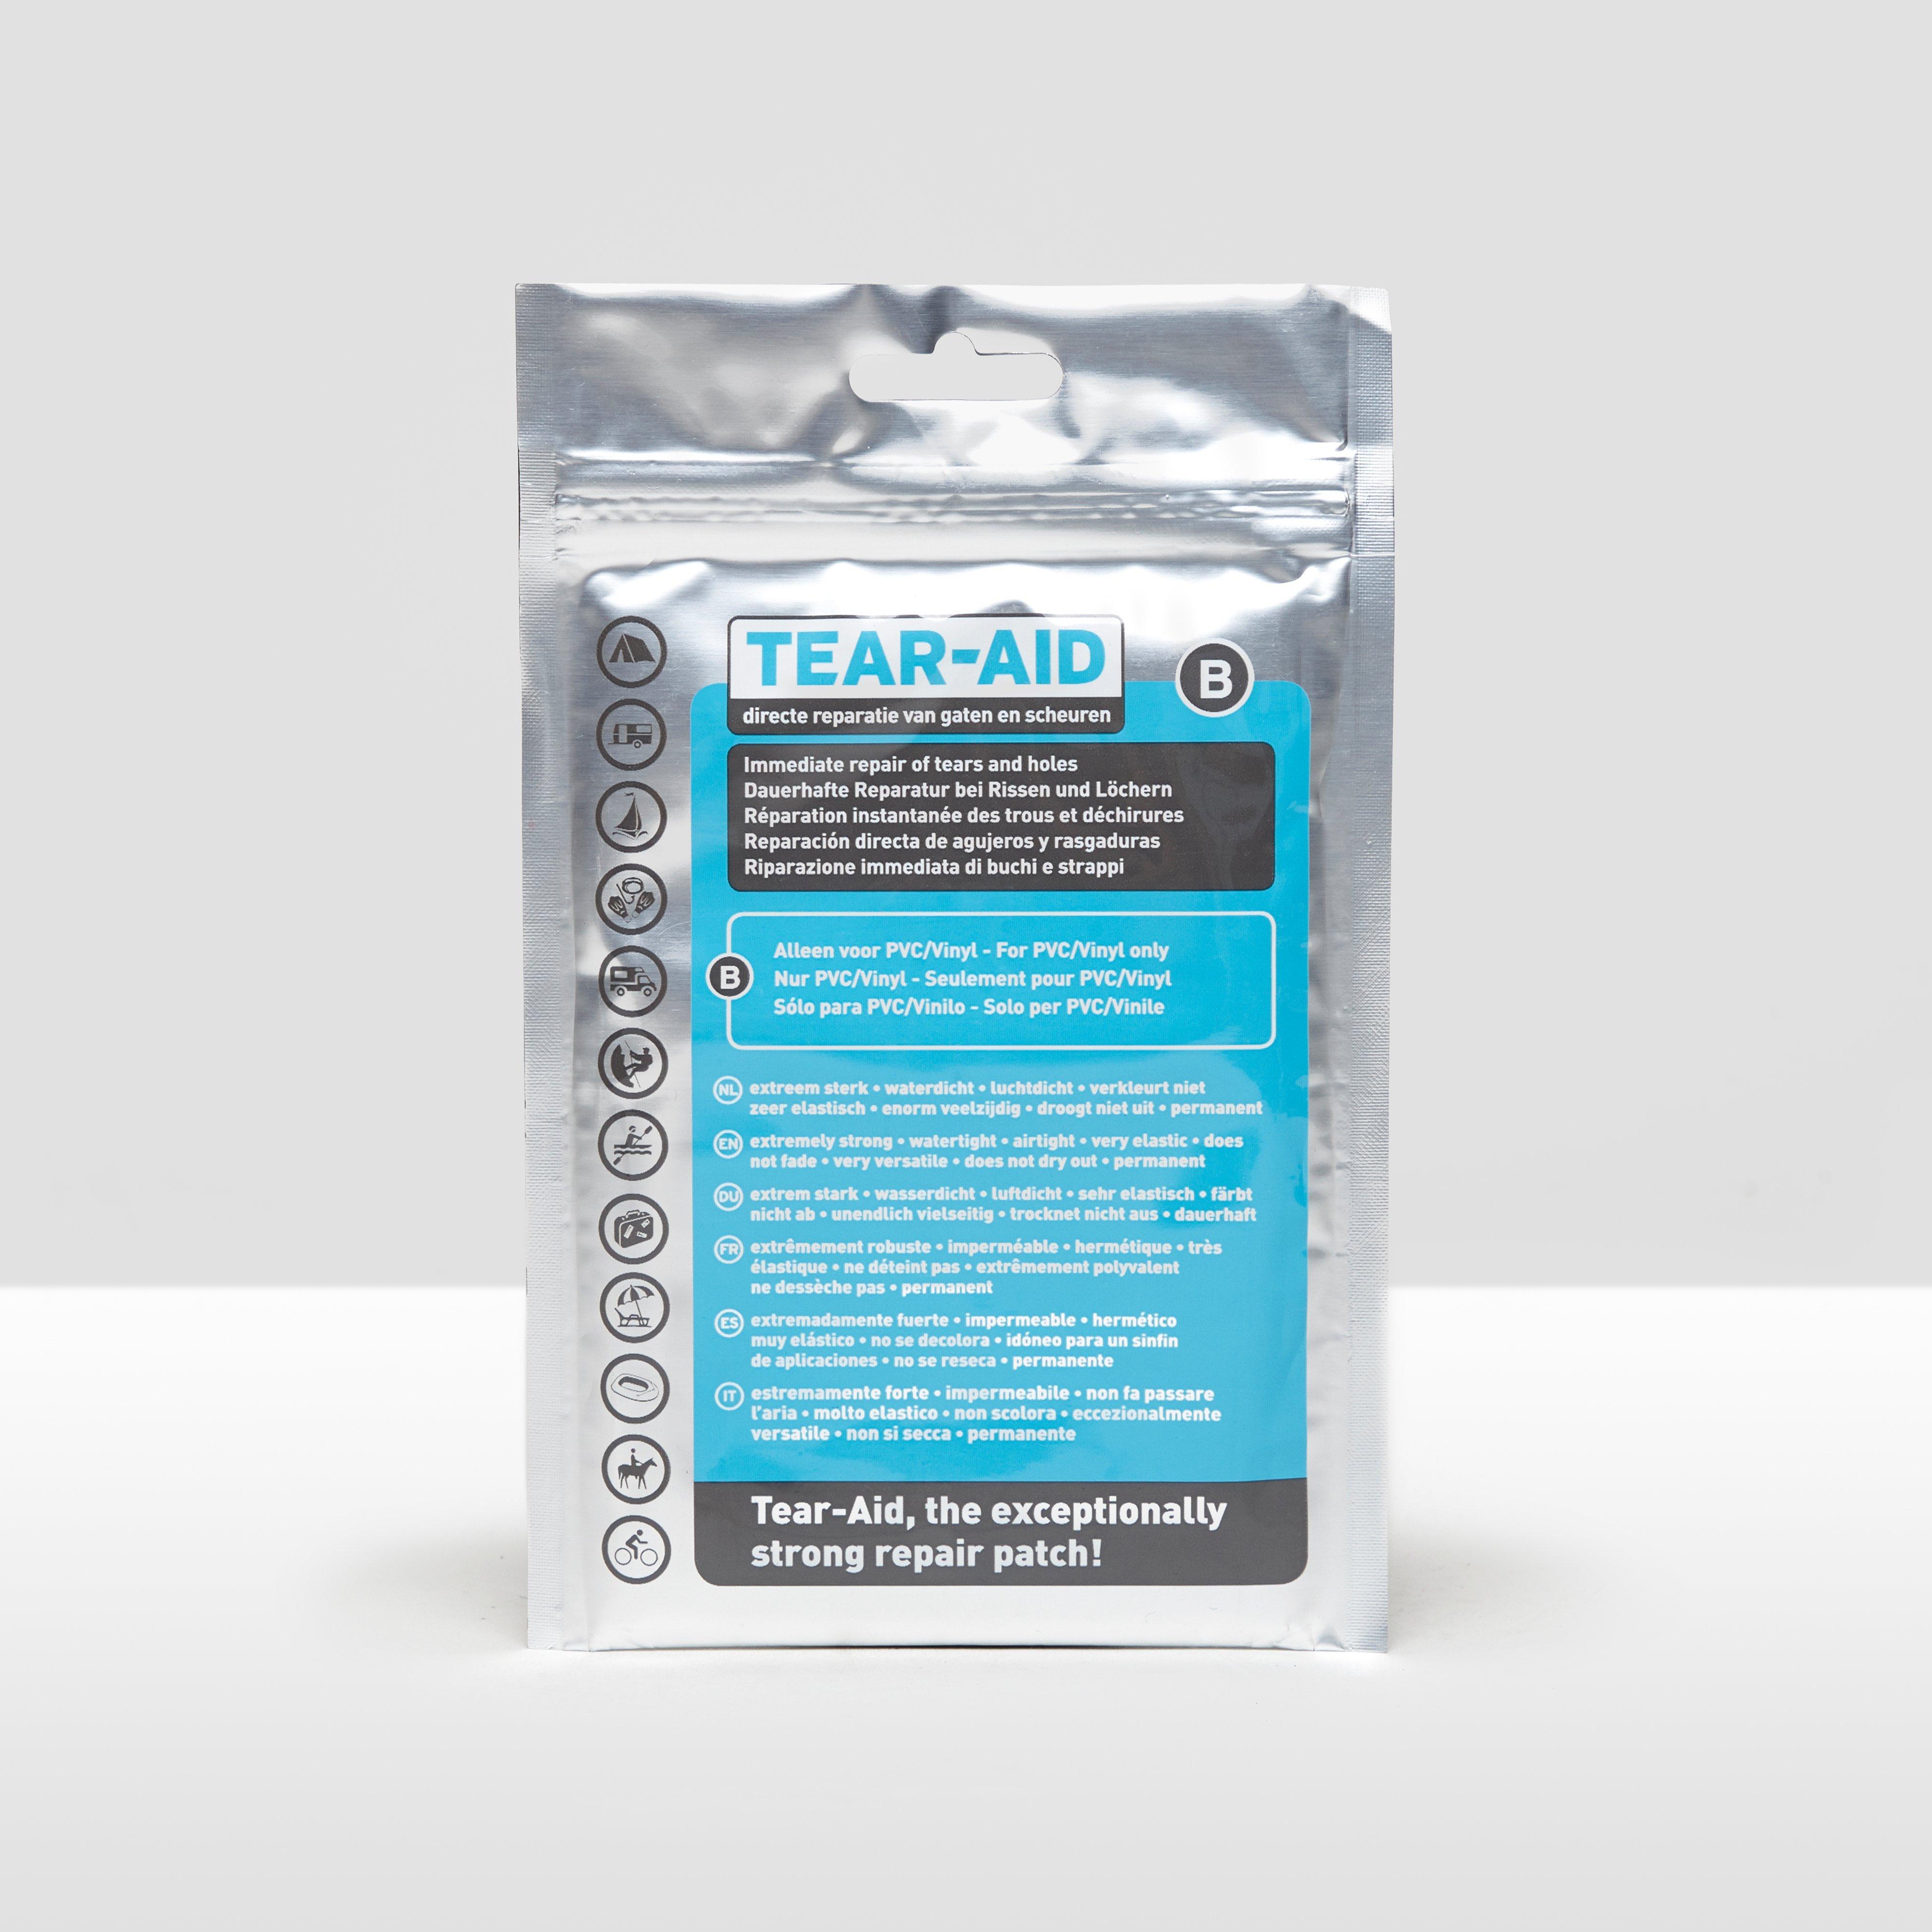 BO CAMP TEAR-AID B REPARATIEMIDDEL